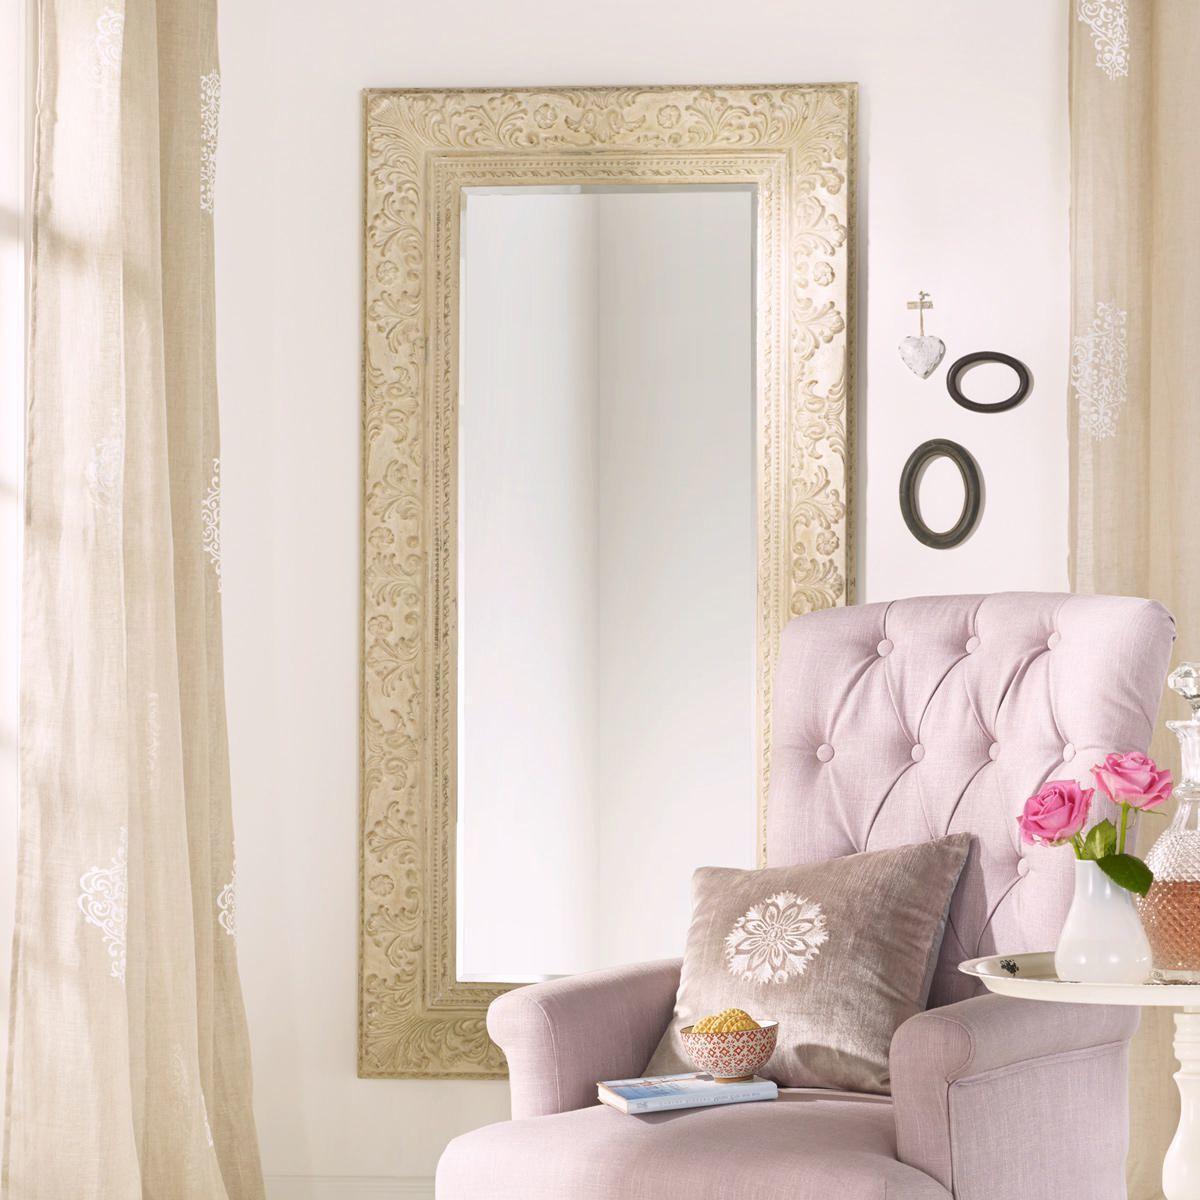 wohndeko f r kleine r ume 5 deko tricks f r optische vergr erung deko feiern trends. Black Bedroom Furniture Sets. Home Design Ideas